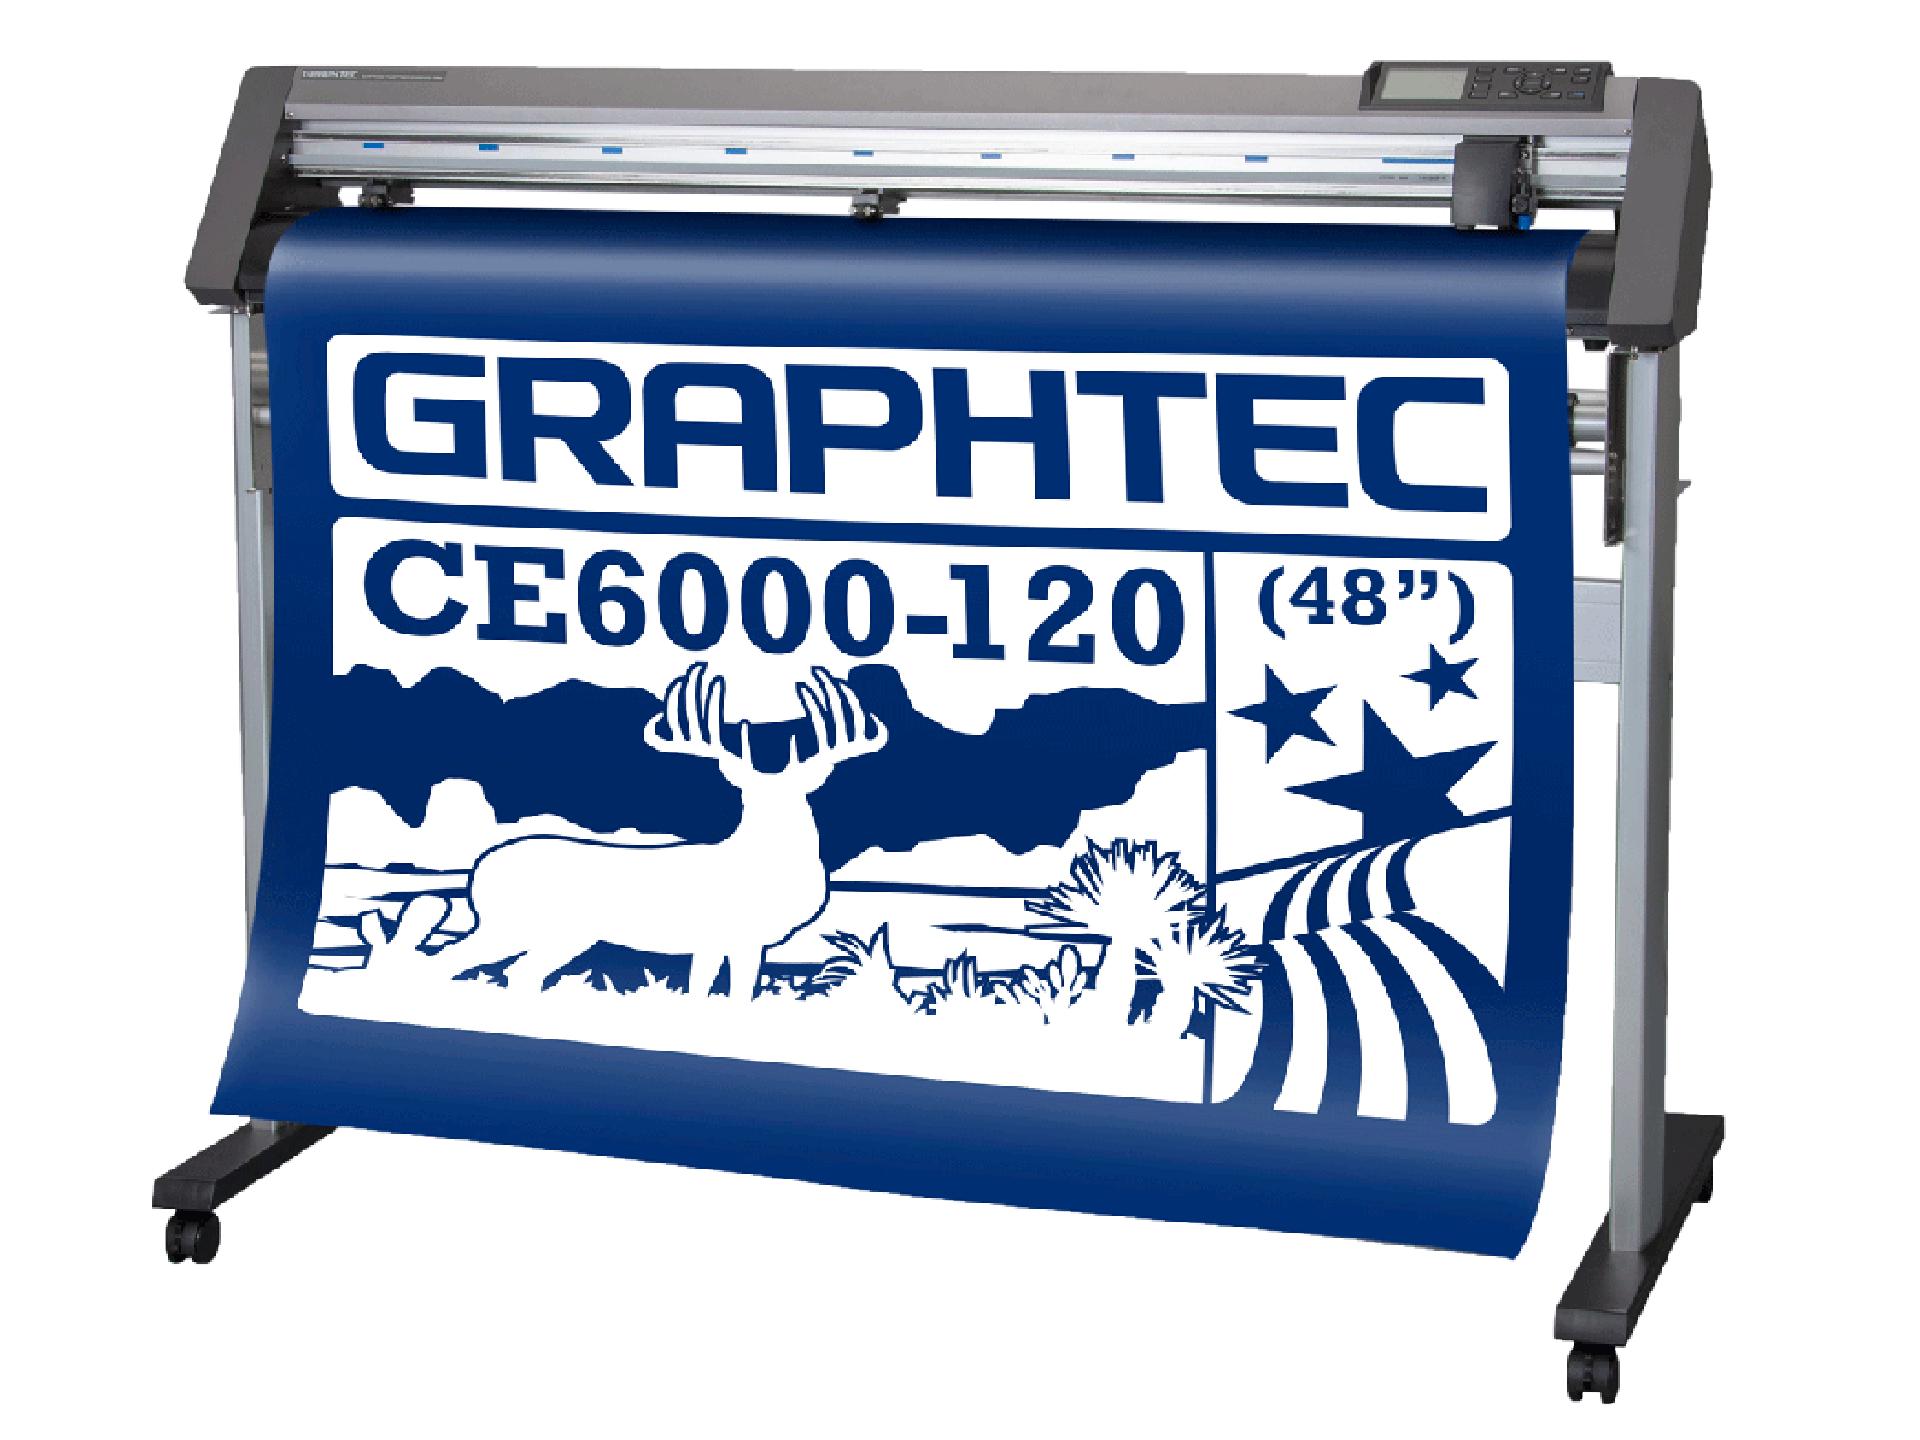 Graphtec CE6000 120 Plotter-Graphtec-Plotter